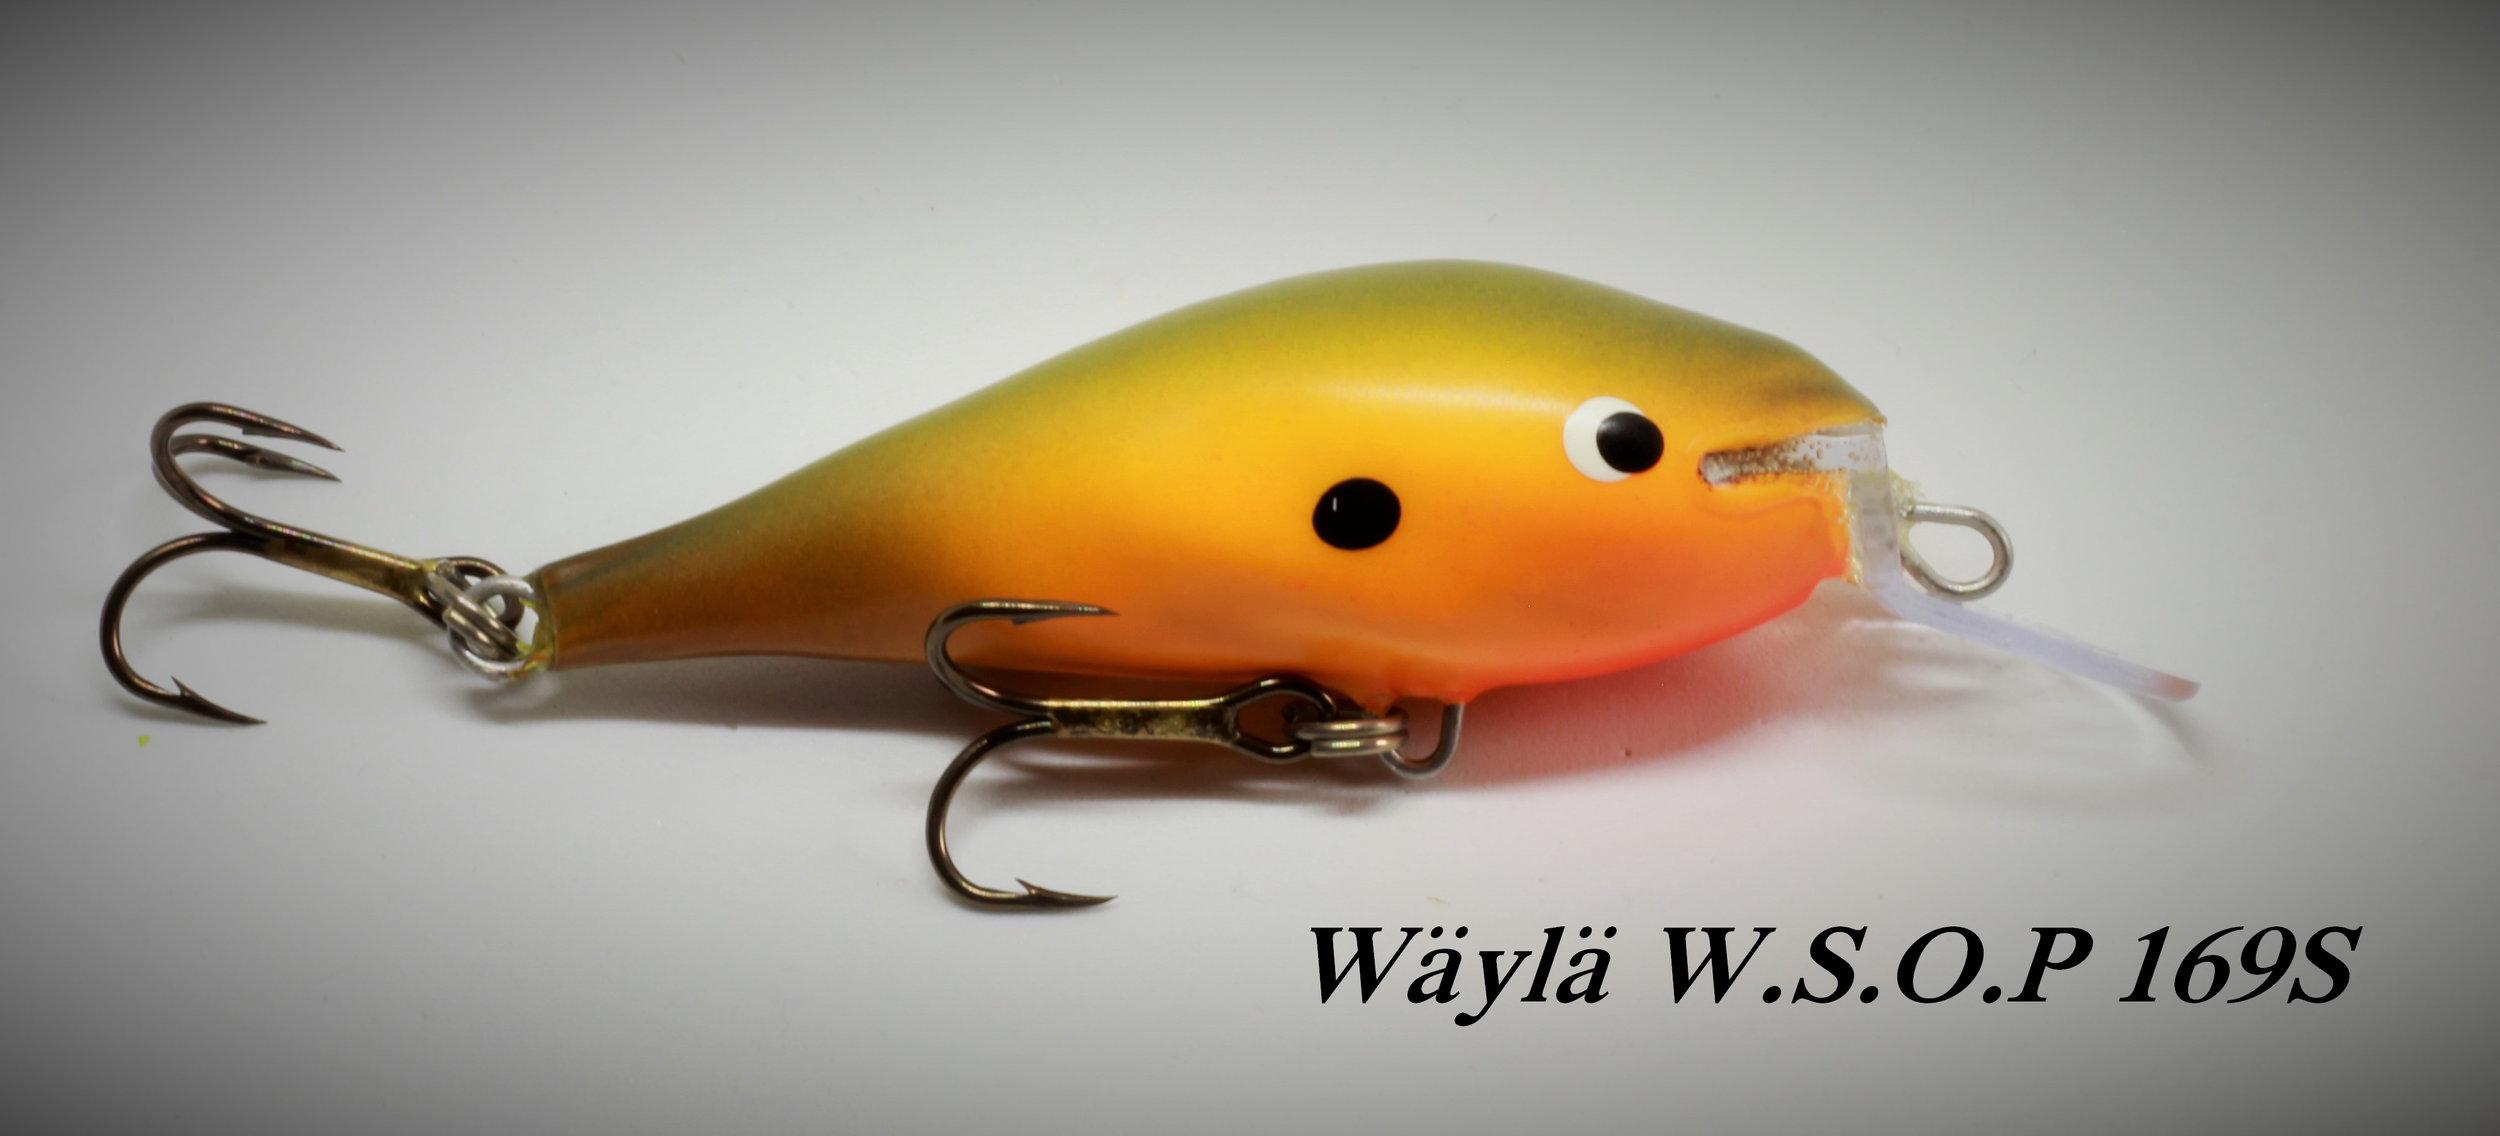 Wäylä W.S.O.P 65mm 169S_1.jpg